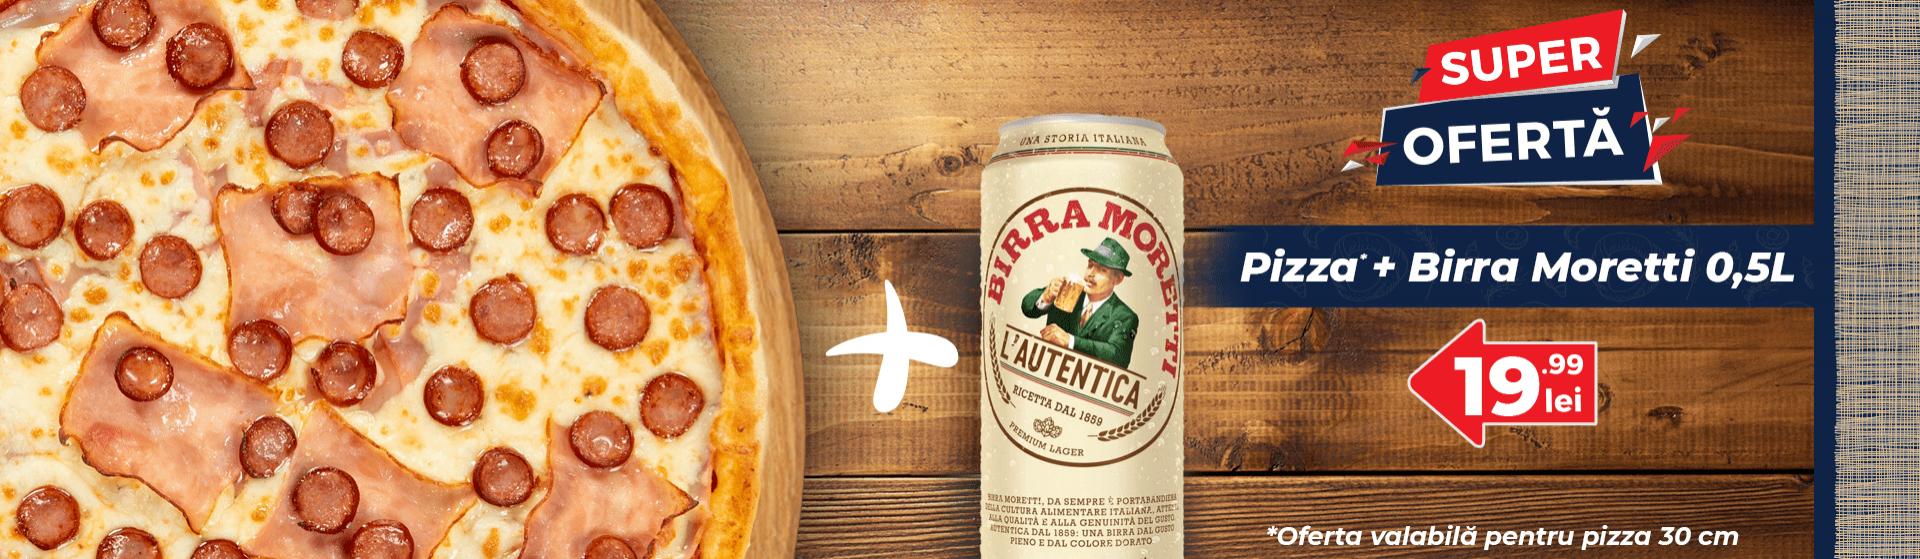 Banner-oferta-pizza-plus-bere